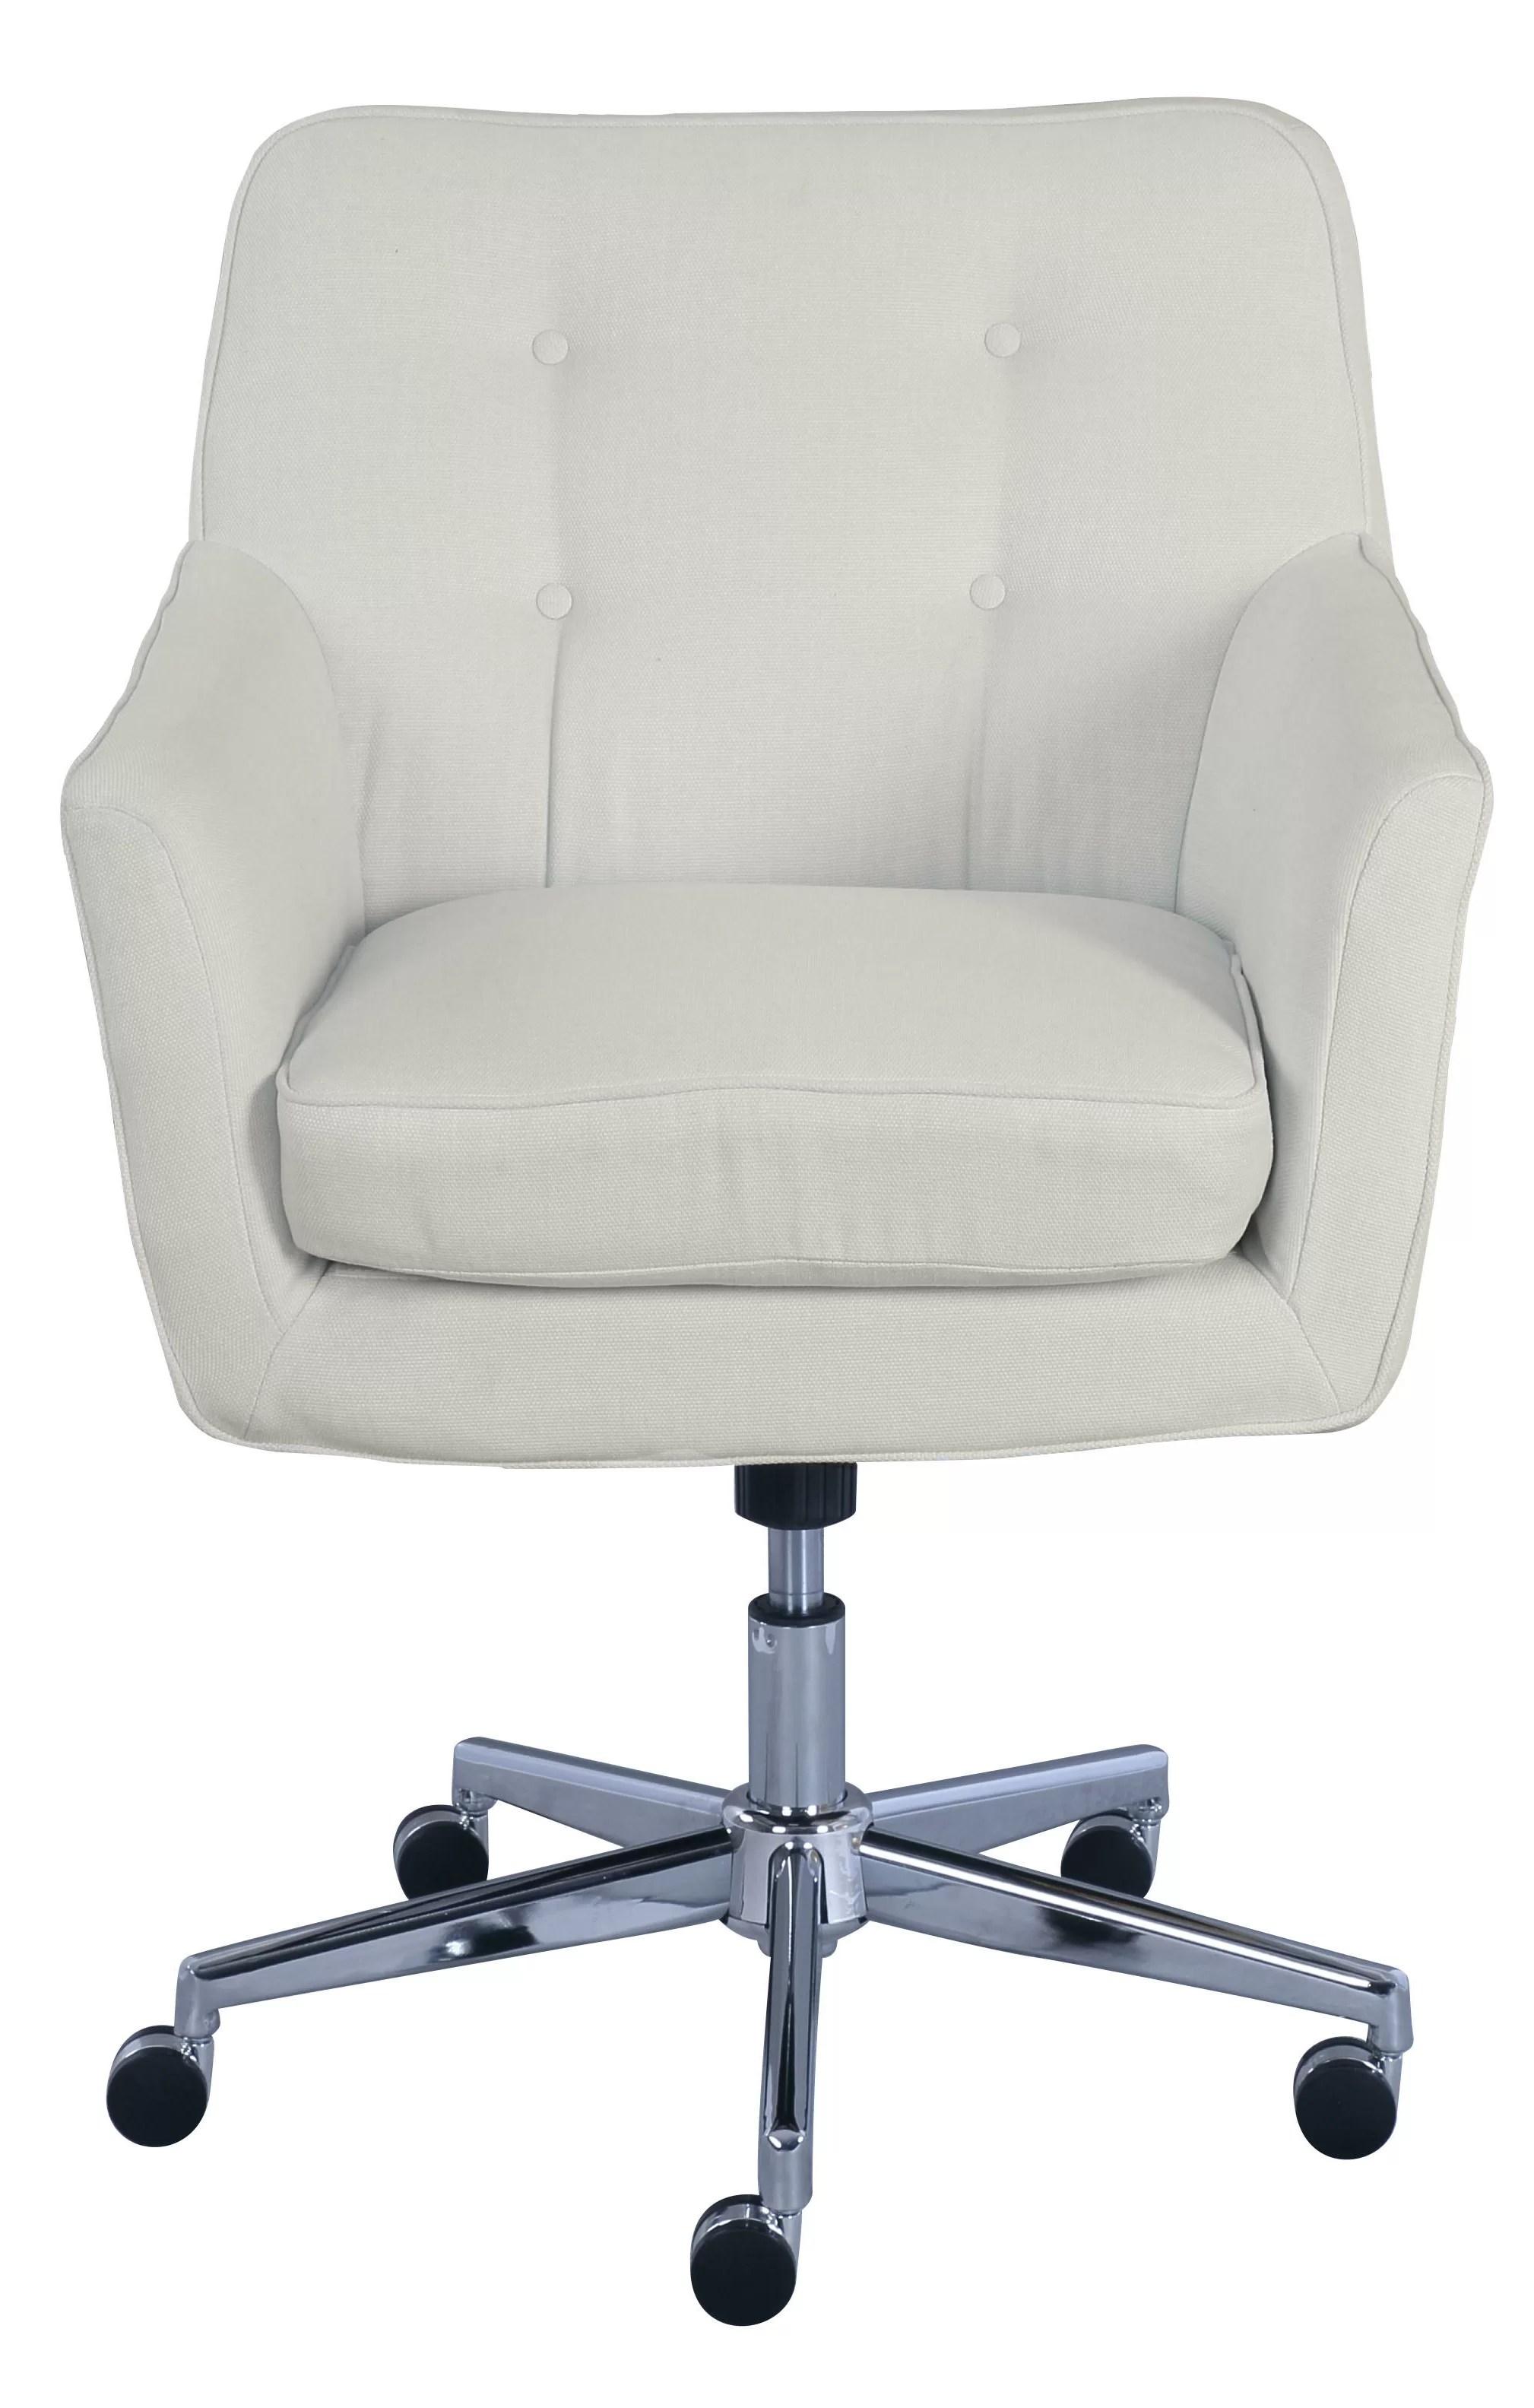 lilac office chair big joe lumin serta at home ashland mid back desk and reviews